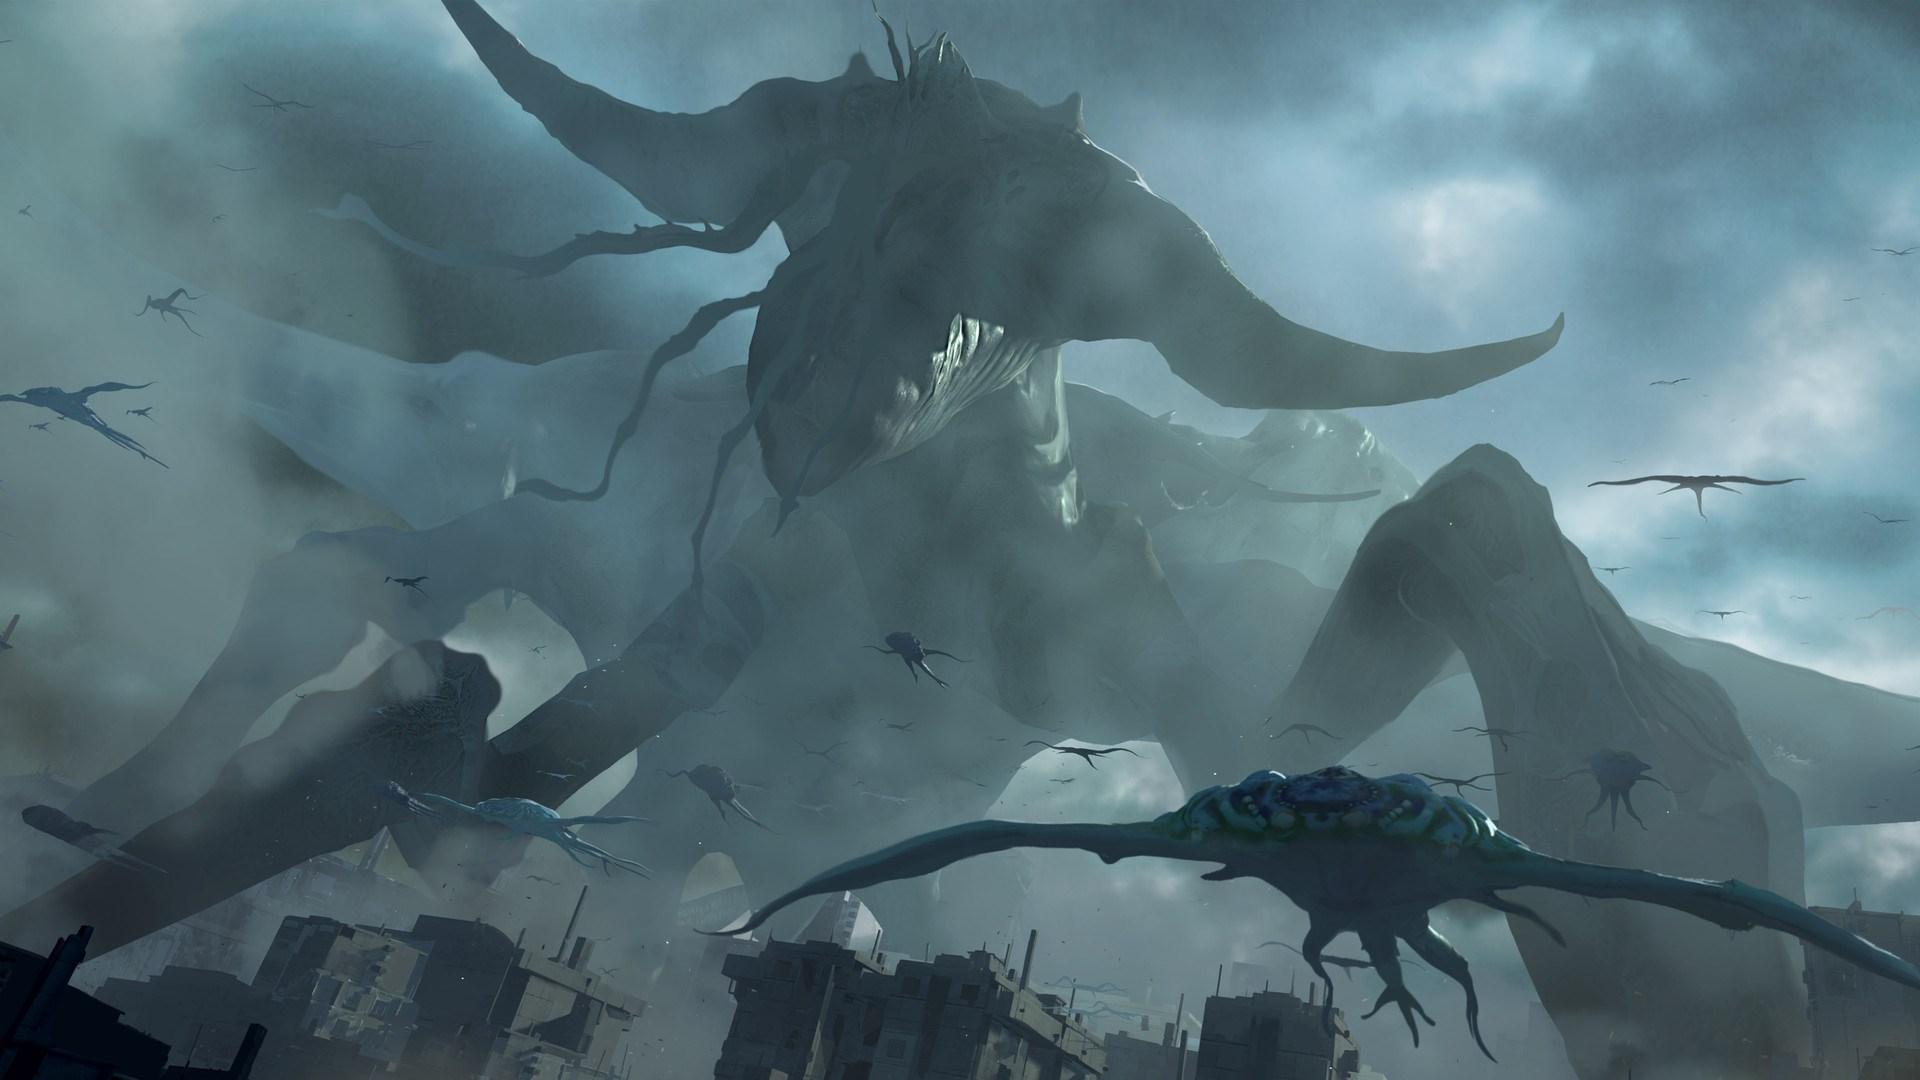 DLC 3 - Festering Skies